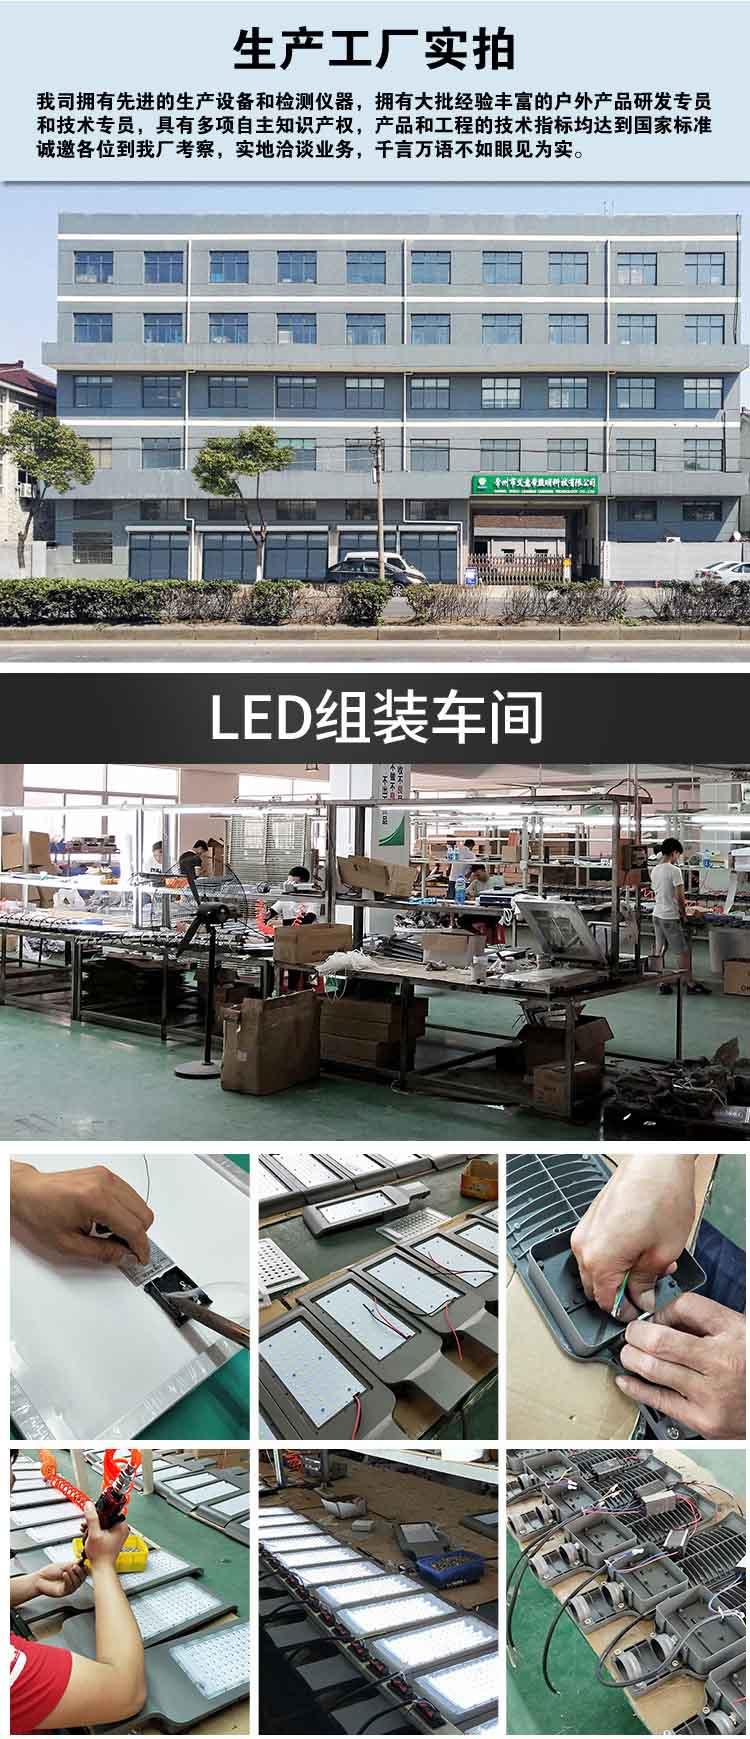 宁安市太阳能光敏路灯电路图火吗?